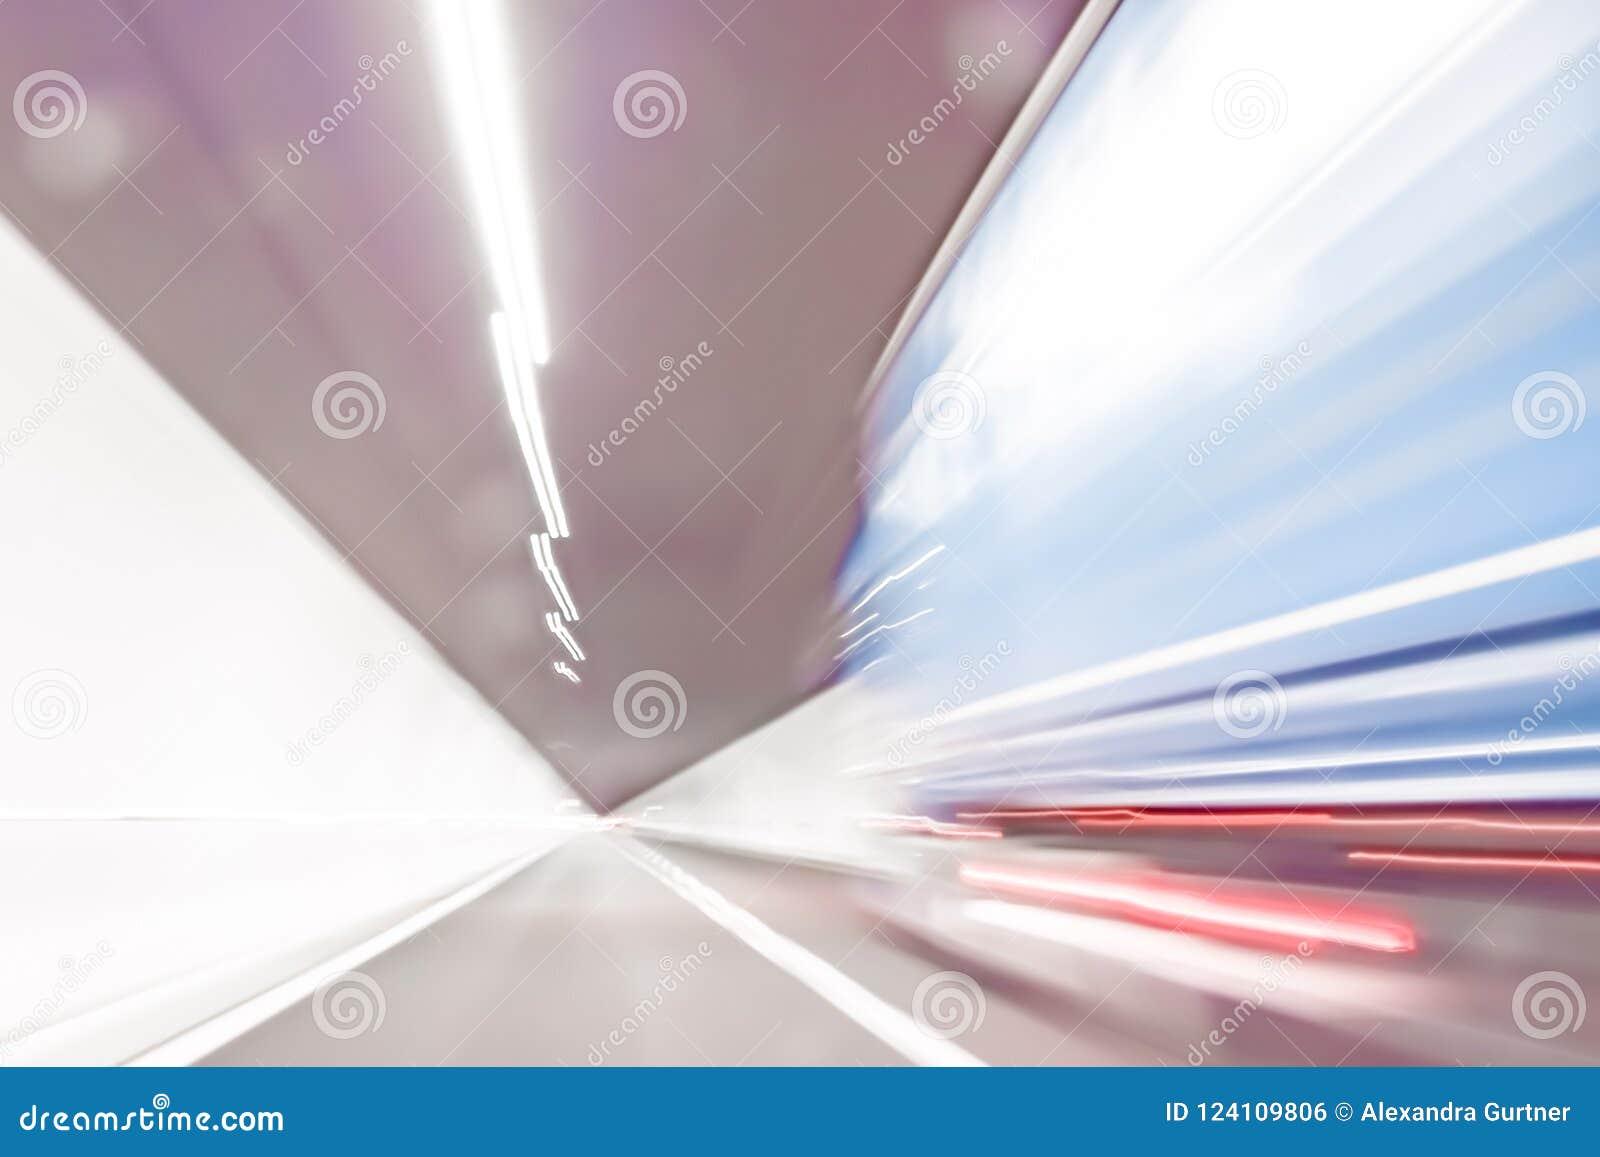 Extrem defocused und unscharfes Bild eines Tunnels